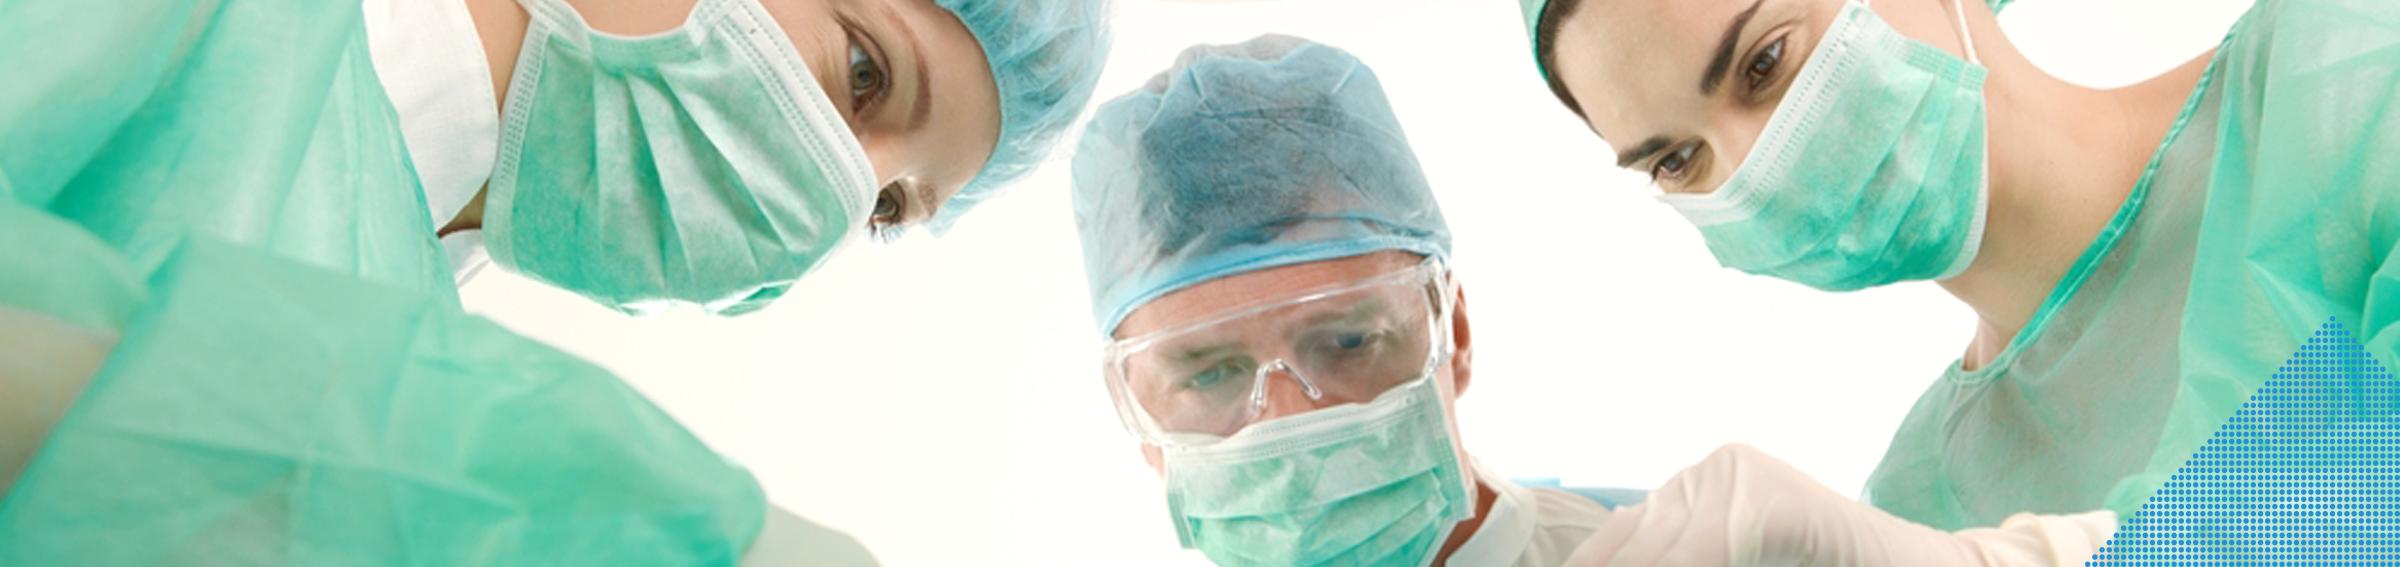 医疗保健 - Medical fader